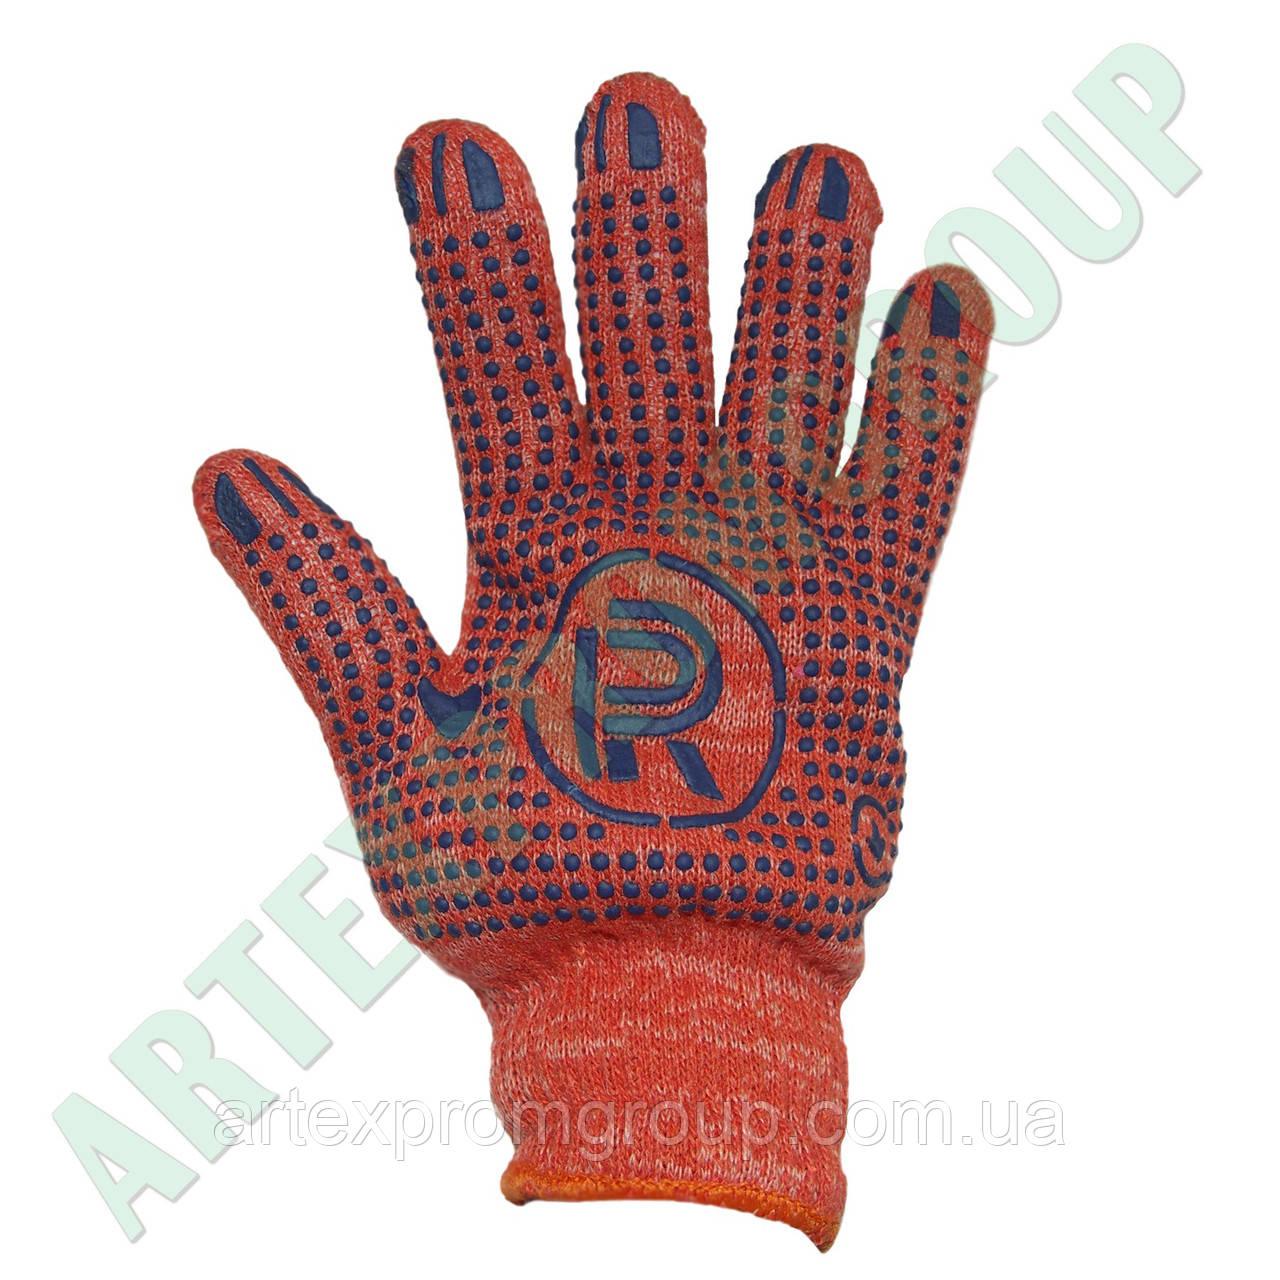 Перчатки трикотажные с т. ПВХ оранжевые (Украина)